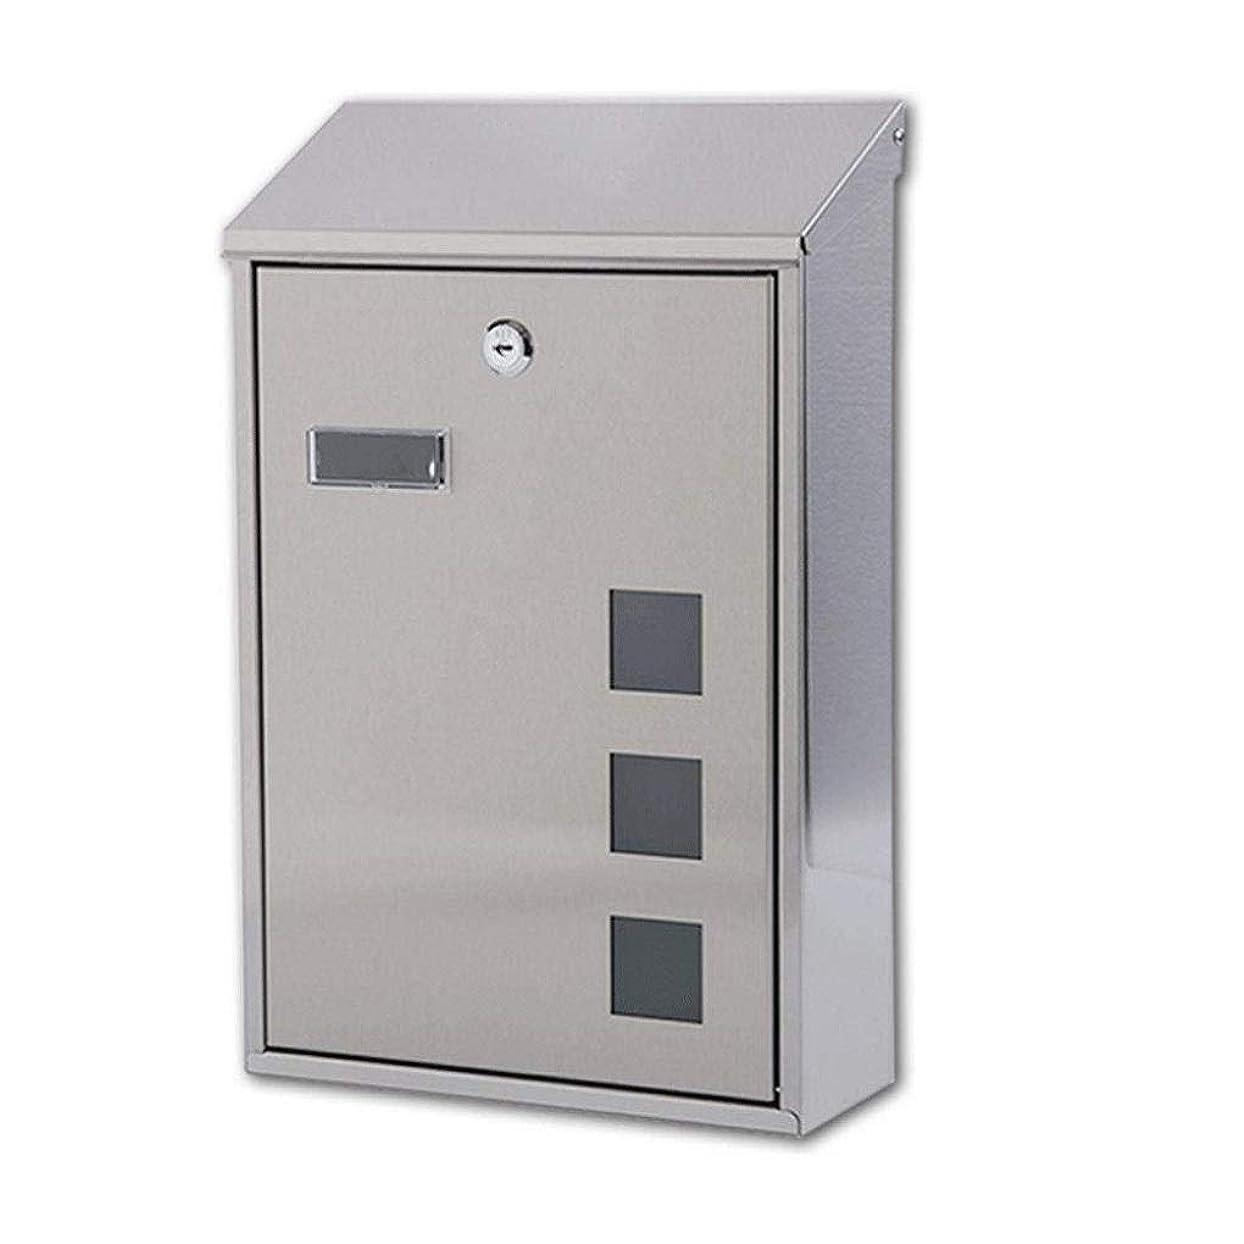 引用楽観的七時半モダンなステンレス鋼のメールボックス、ロック付き壁に取り付けられたレターボックスビューウィンドウのポストボックス、耐候性の蓋付き、39x25x10cm